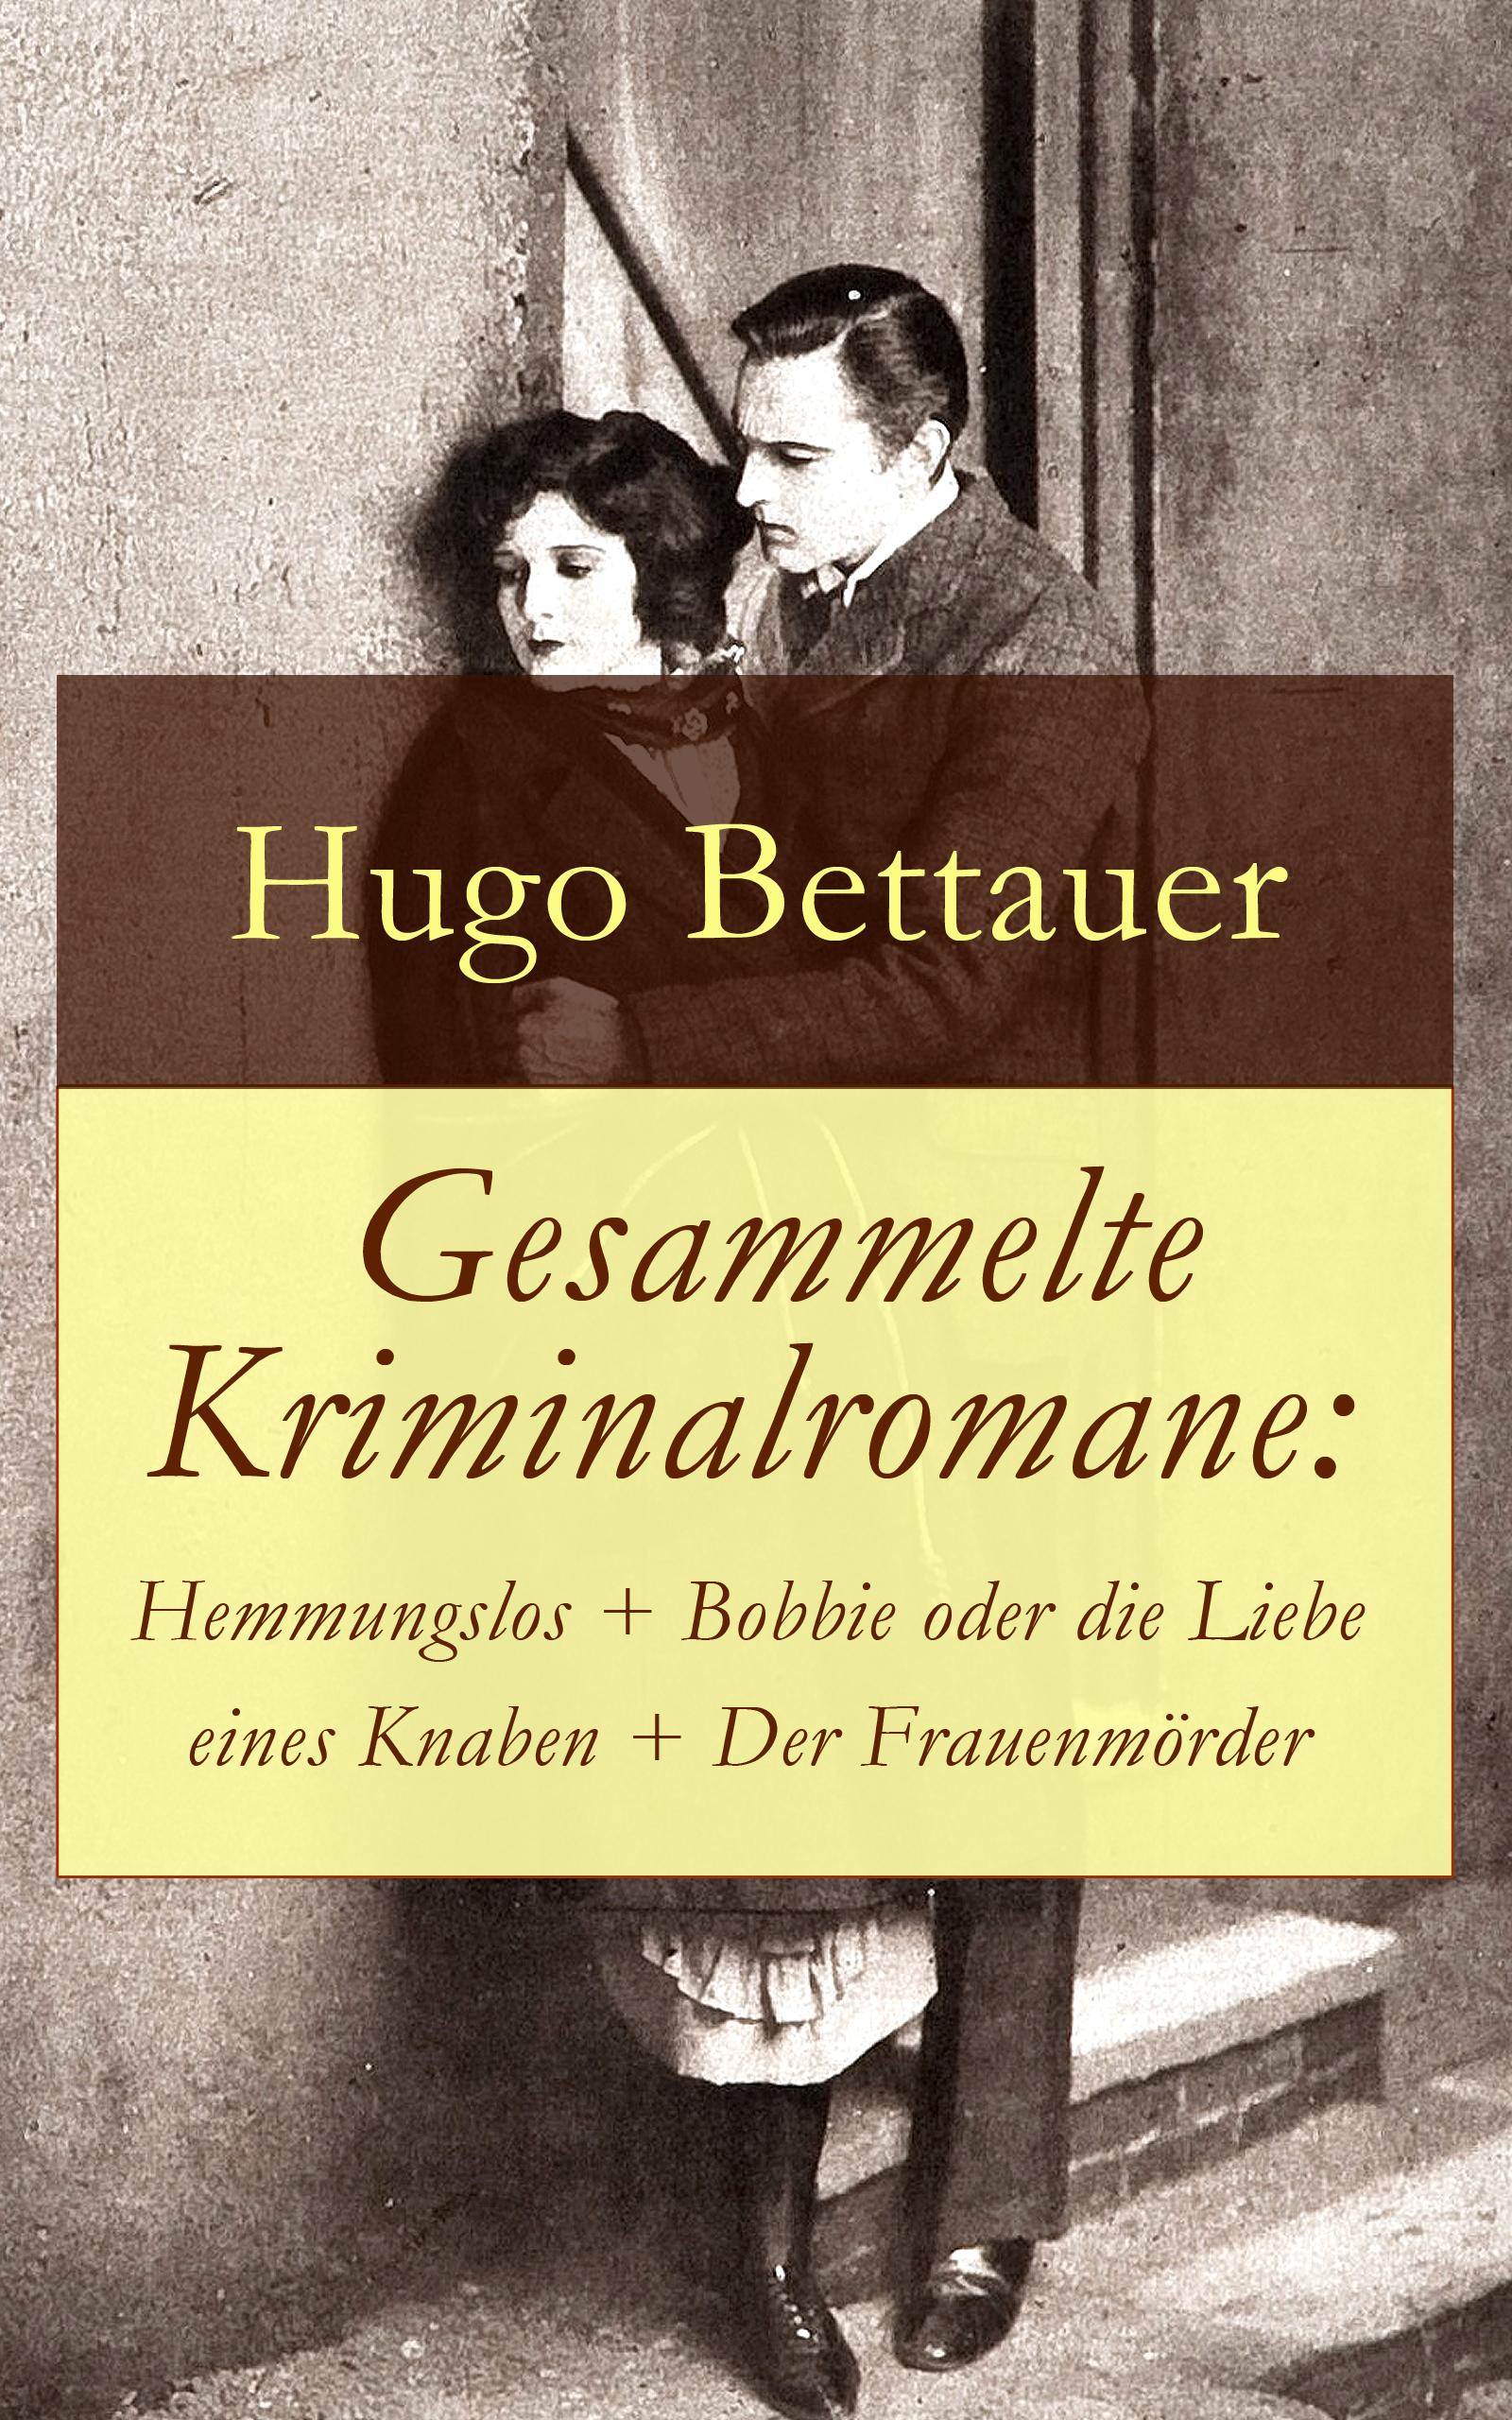 Hugo Bettauer Gesammelte Kriminalromane: Hemmungslos + Bobbie oder die Liebe eines Knaben + Der Frauenmörder hugo bettauer bobbie oder die liebe eines knaben page 9 page 10 page 7 page 9